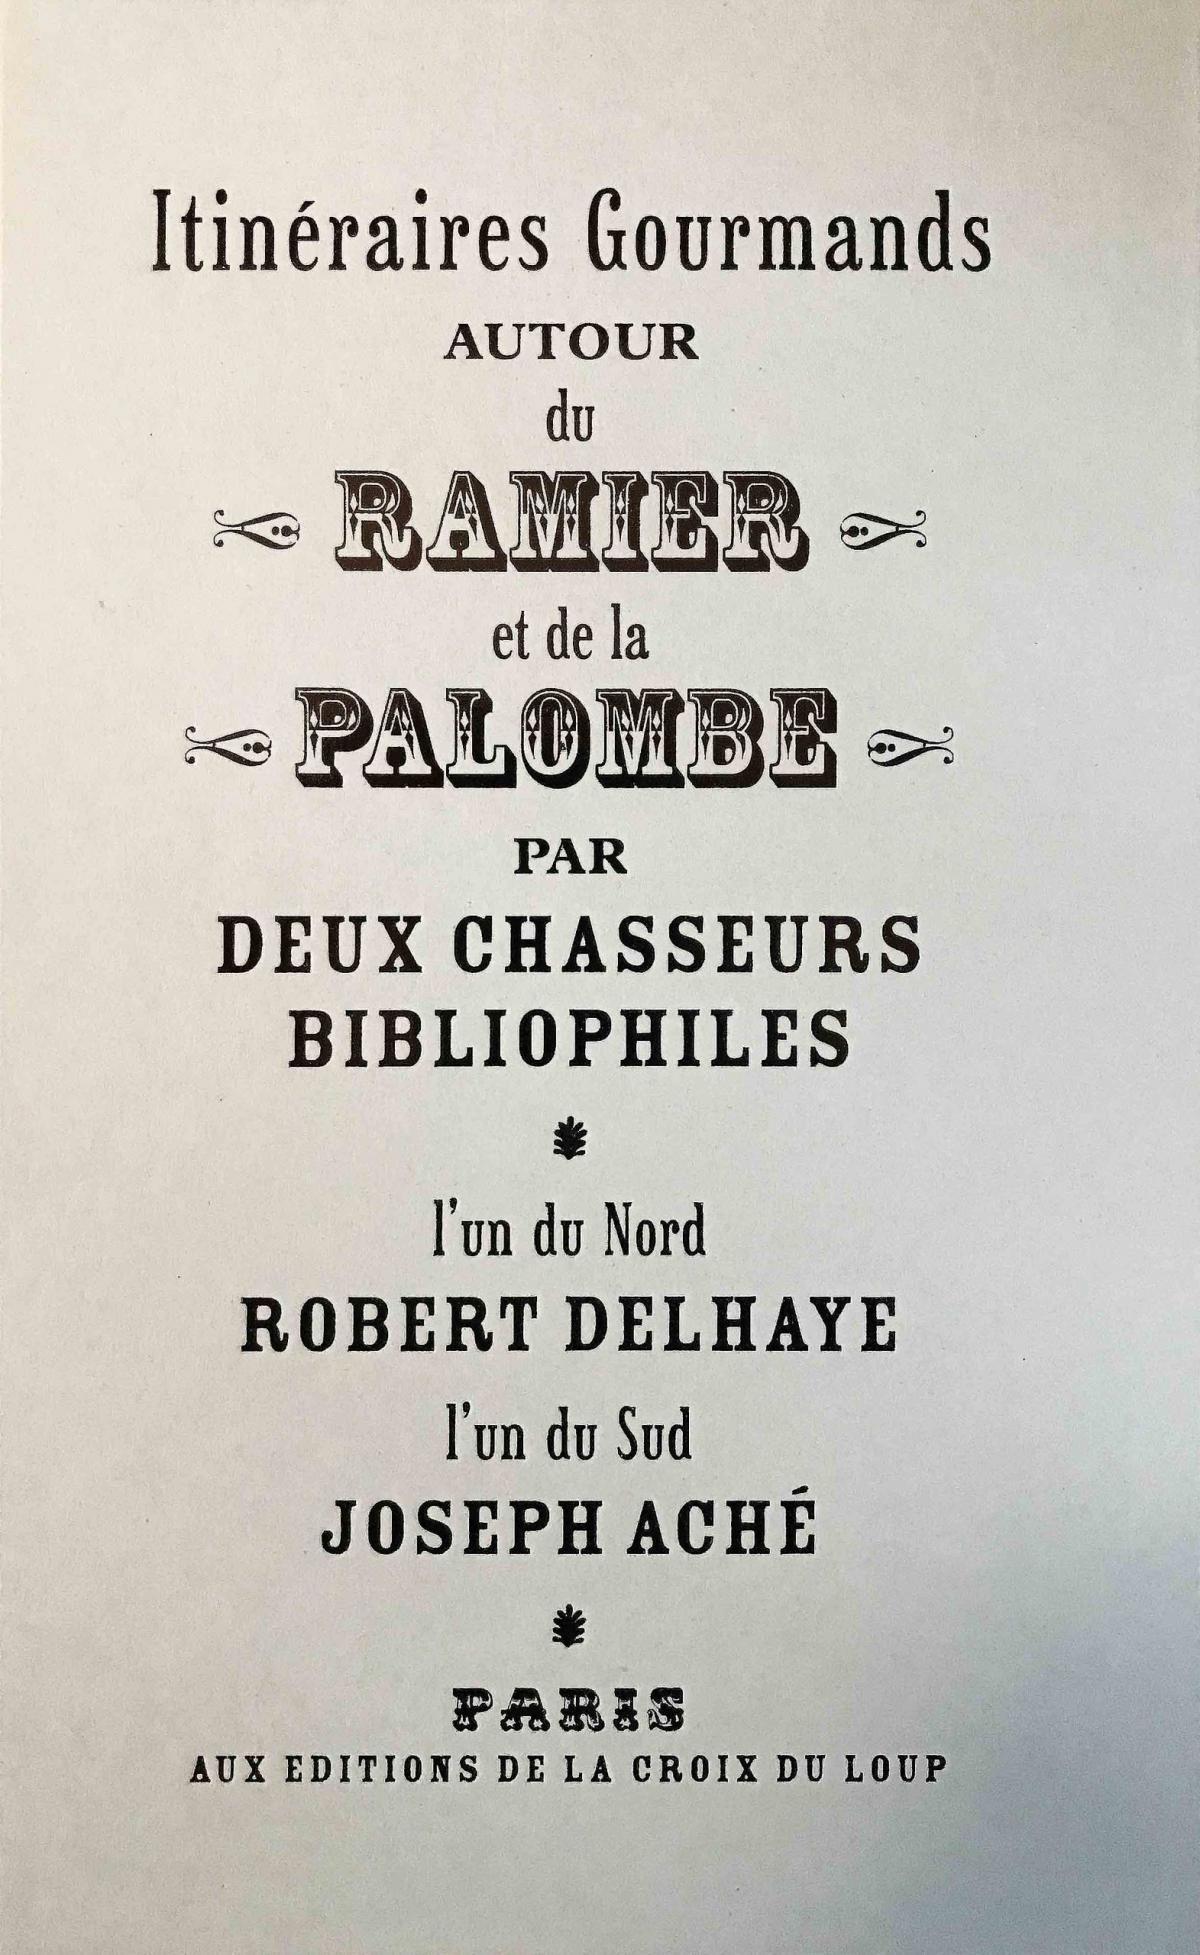 Itinéraires gourmands autour du ramier et de la palombe par deux chasseurs bibliophiles de Robert Delhaye et Joseph Aché